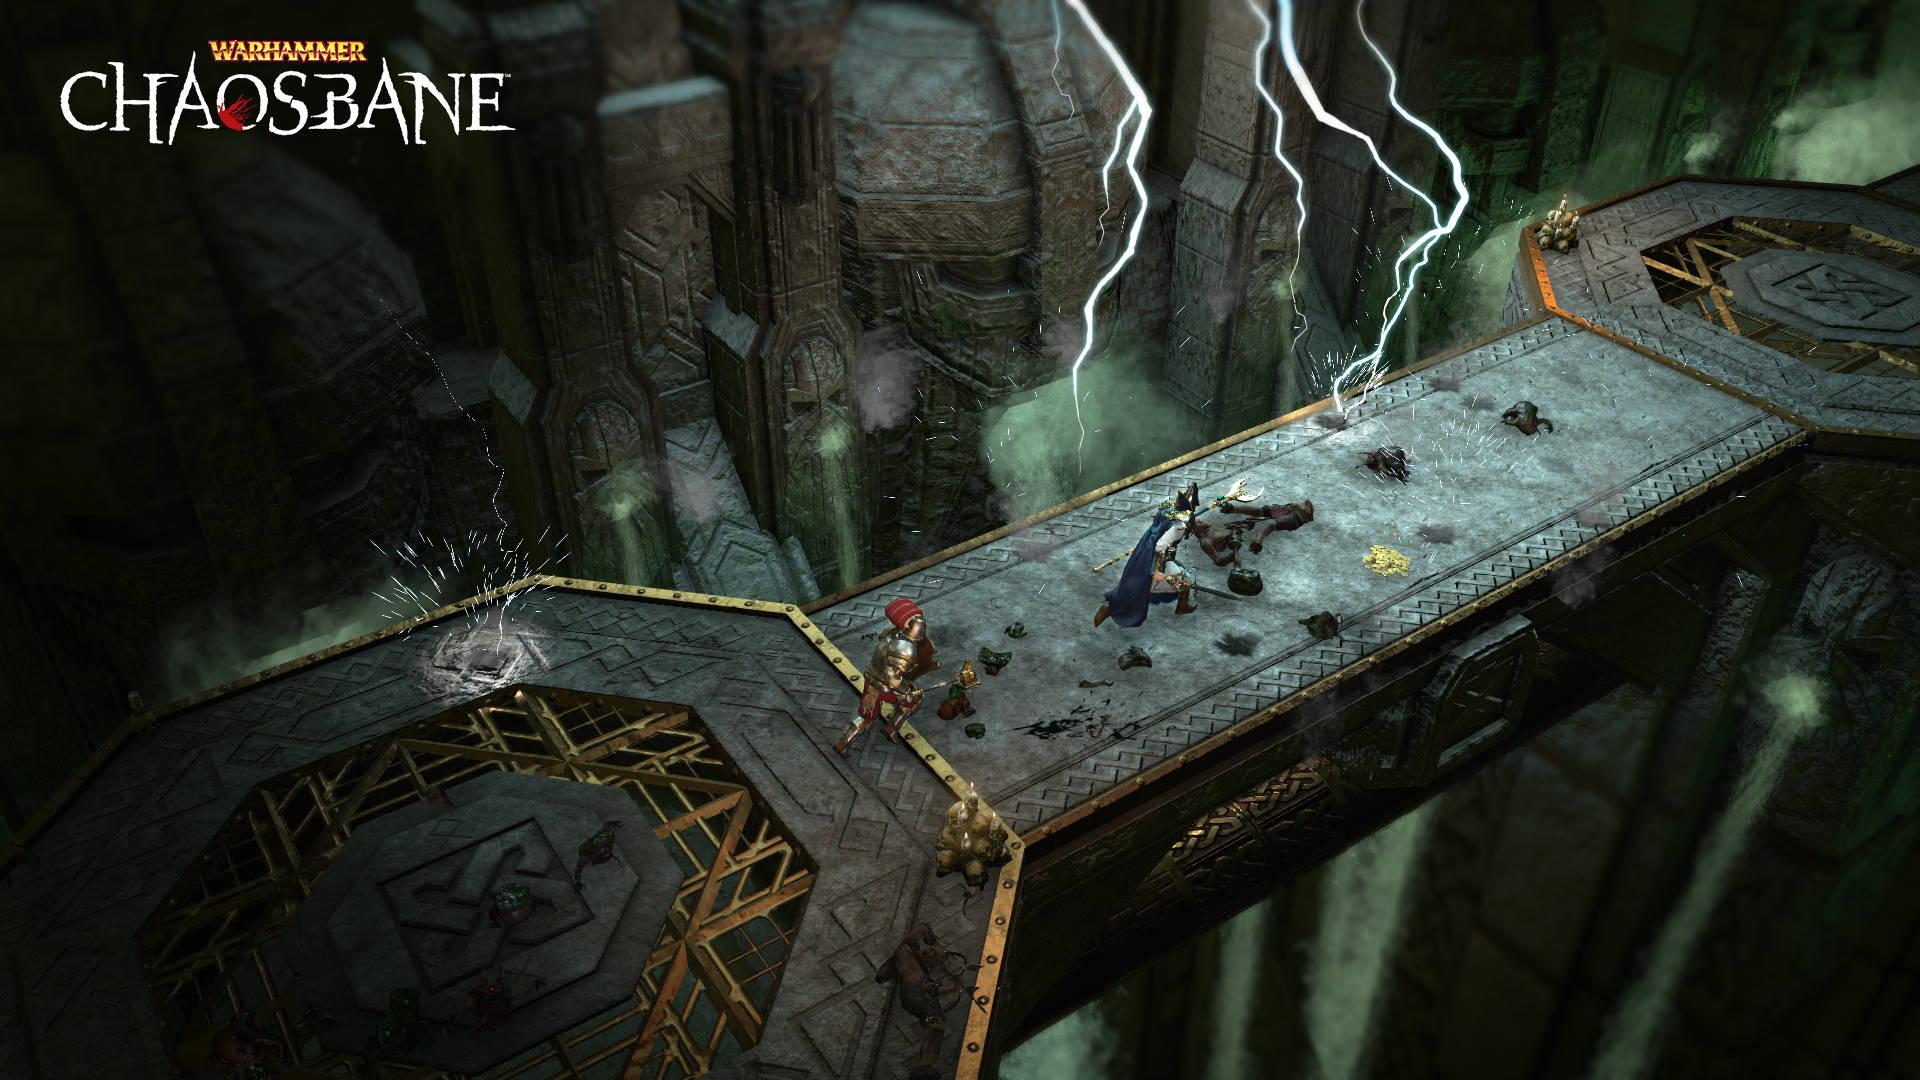 暗黑风格ARPG《战锤:混沌祸根》新截图 黑暗血腥之战